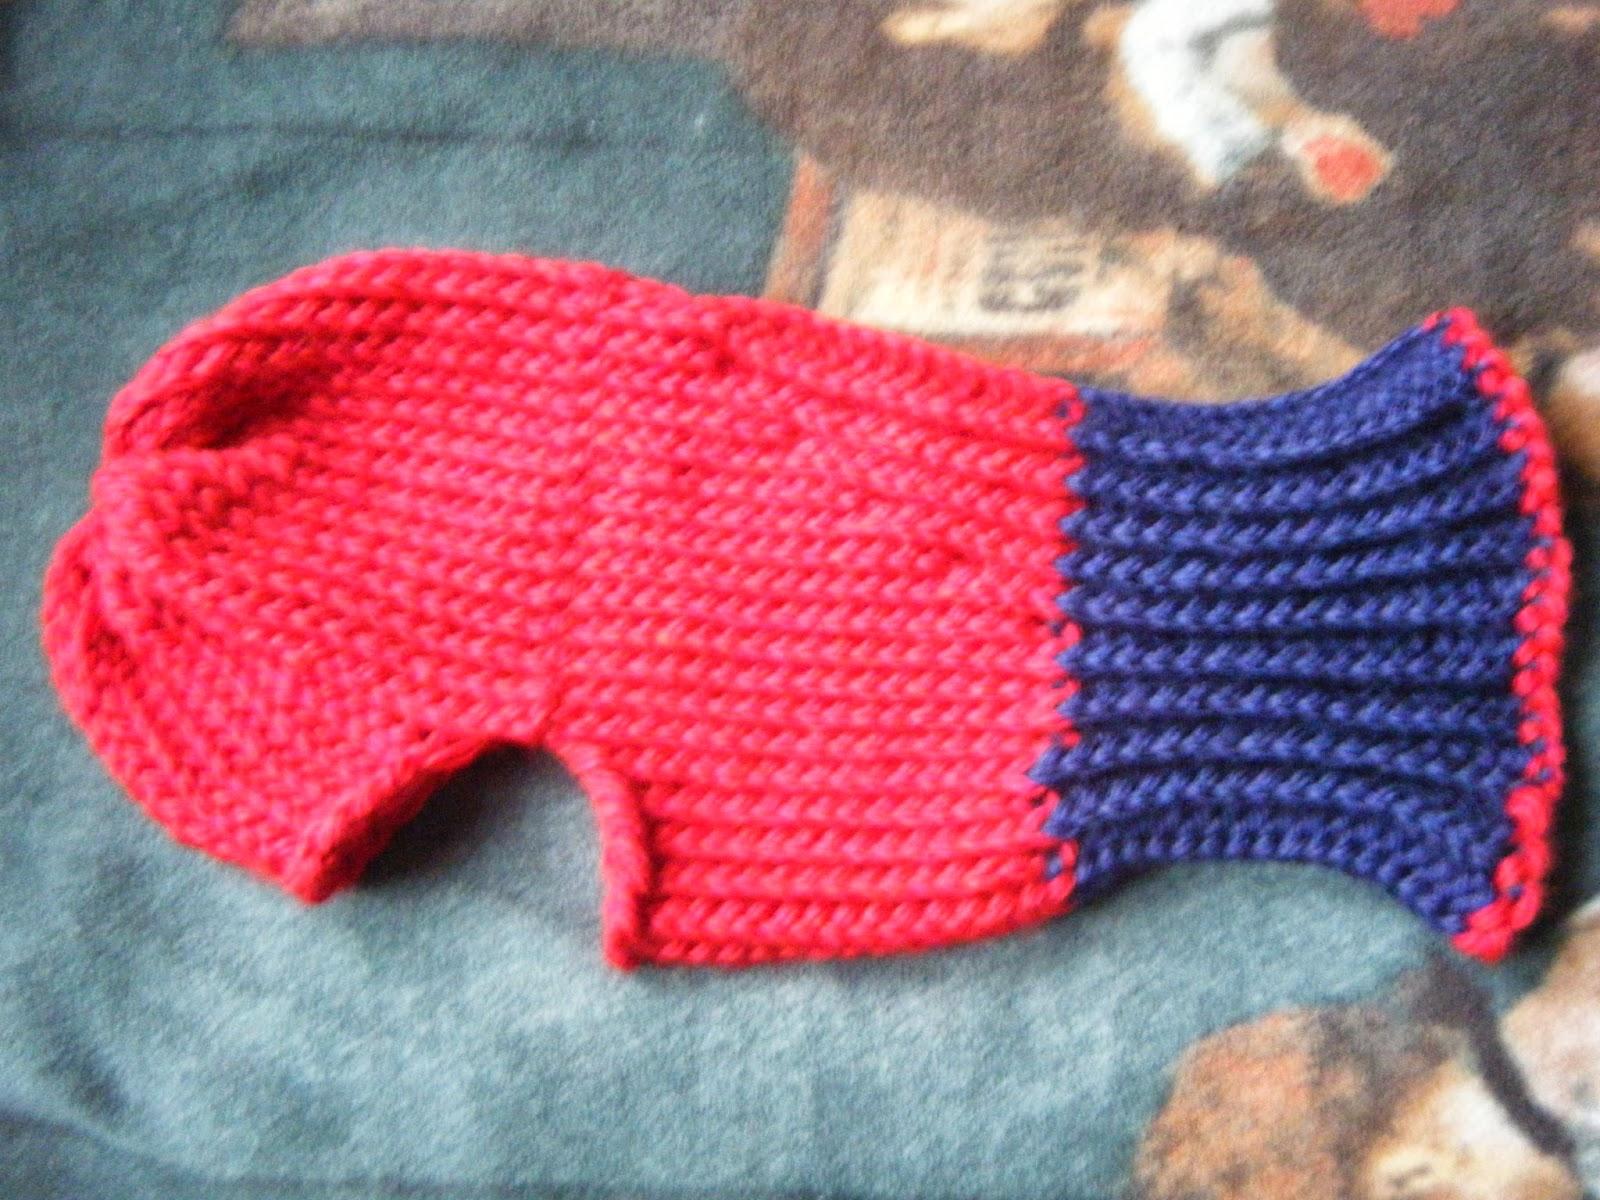 Knitting Pattern Balaclava 8 Balaclava Knitting Patterns The Funky Stitch